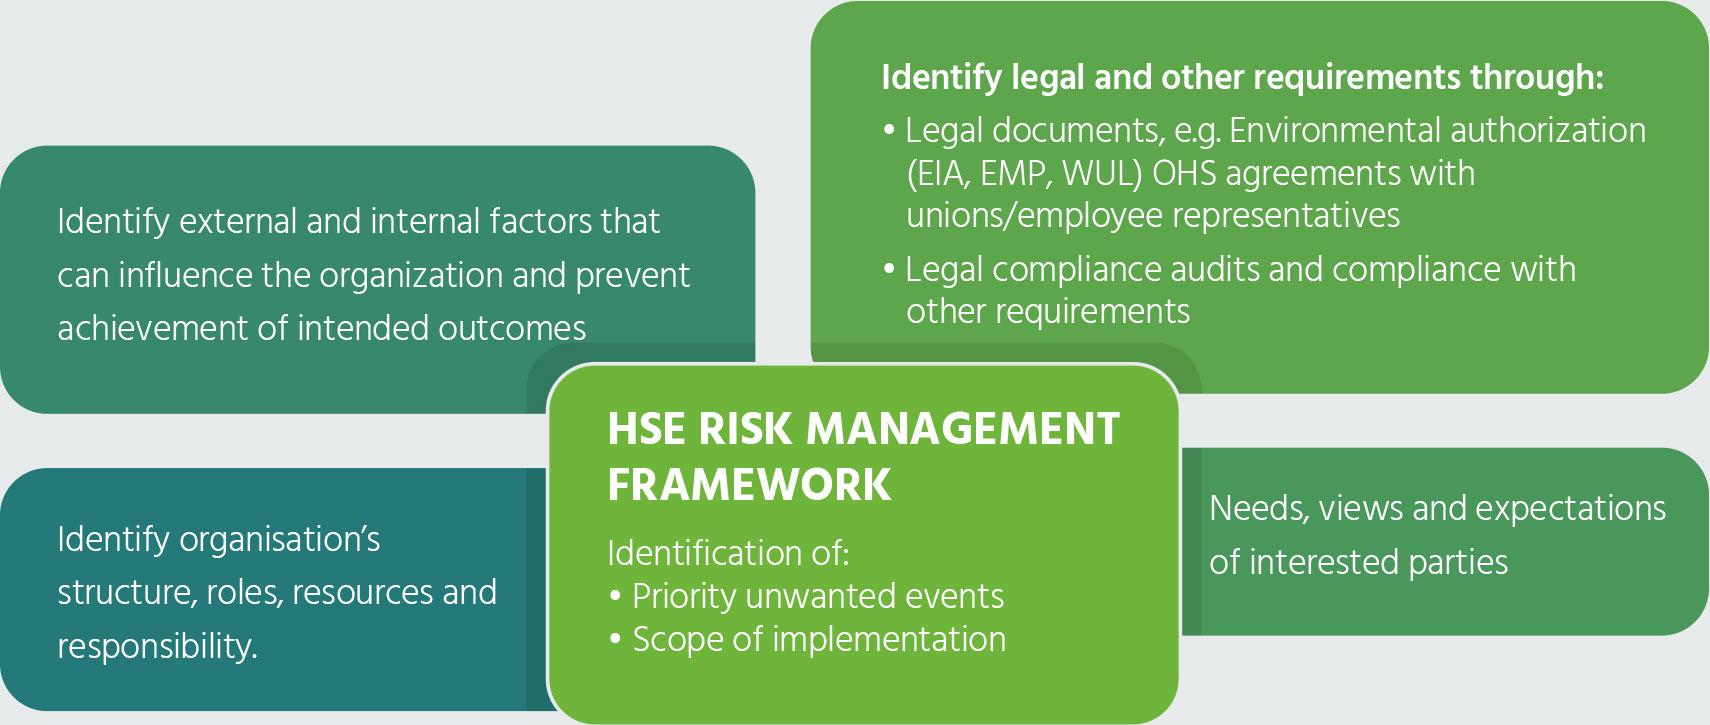 hse_management_diagram_2